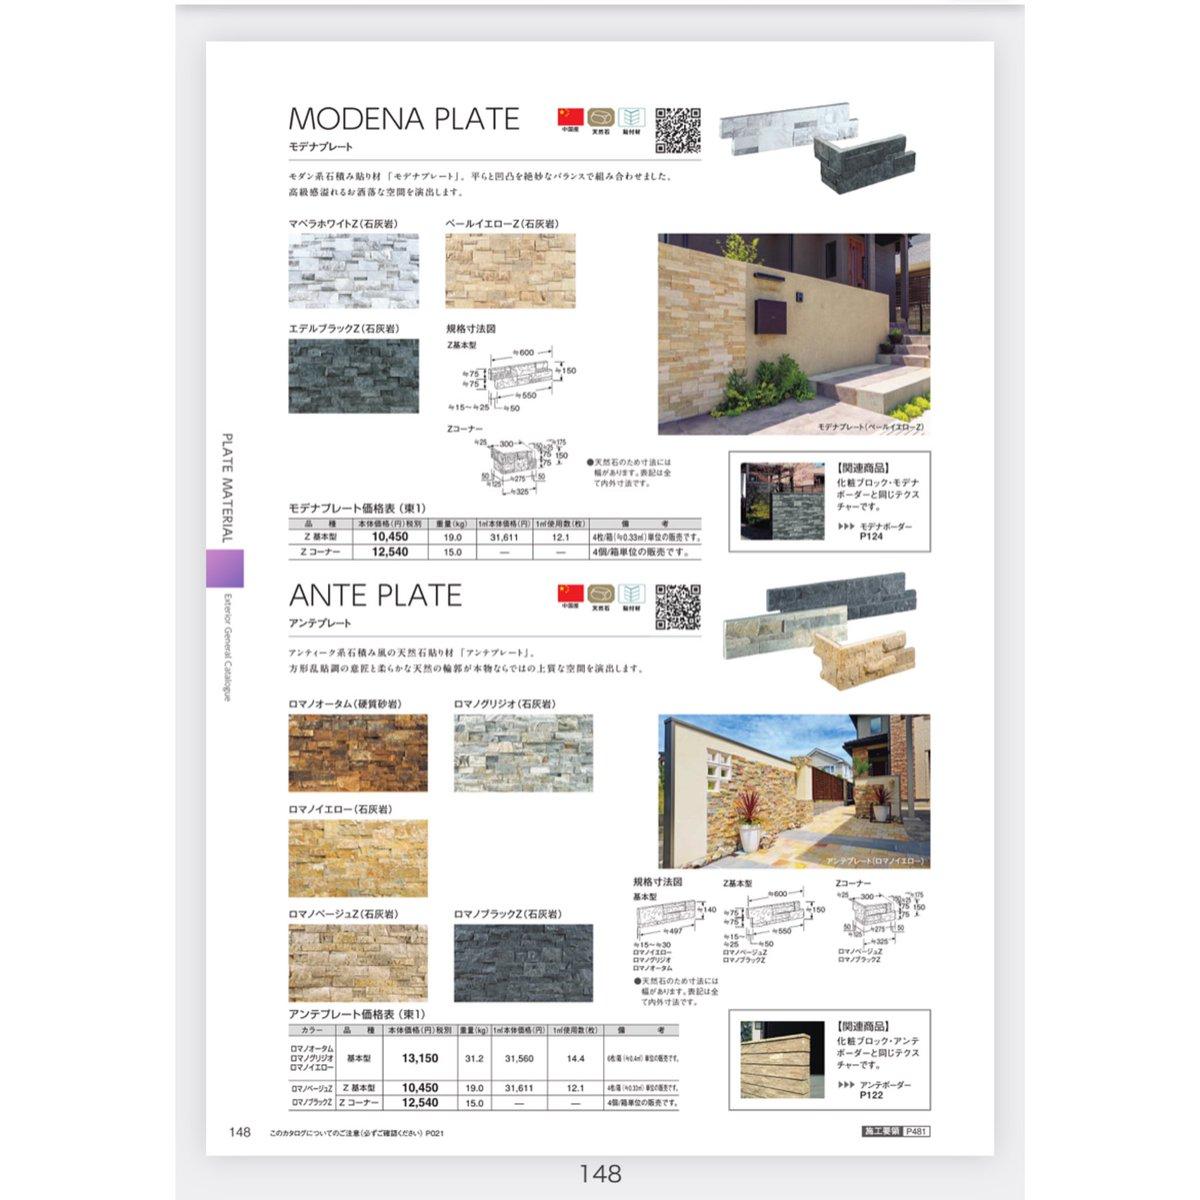 東洋 工業 カタログ